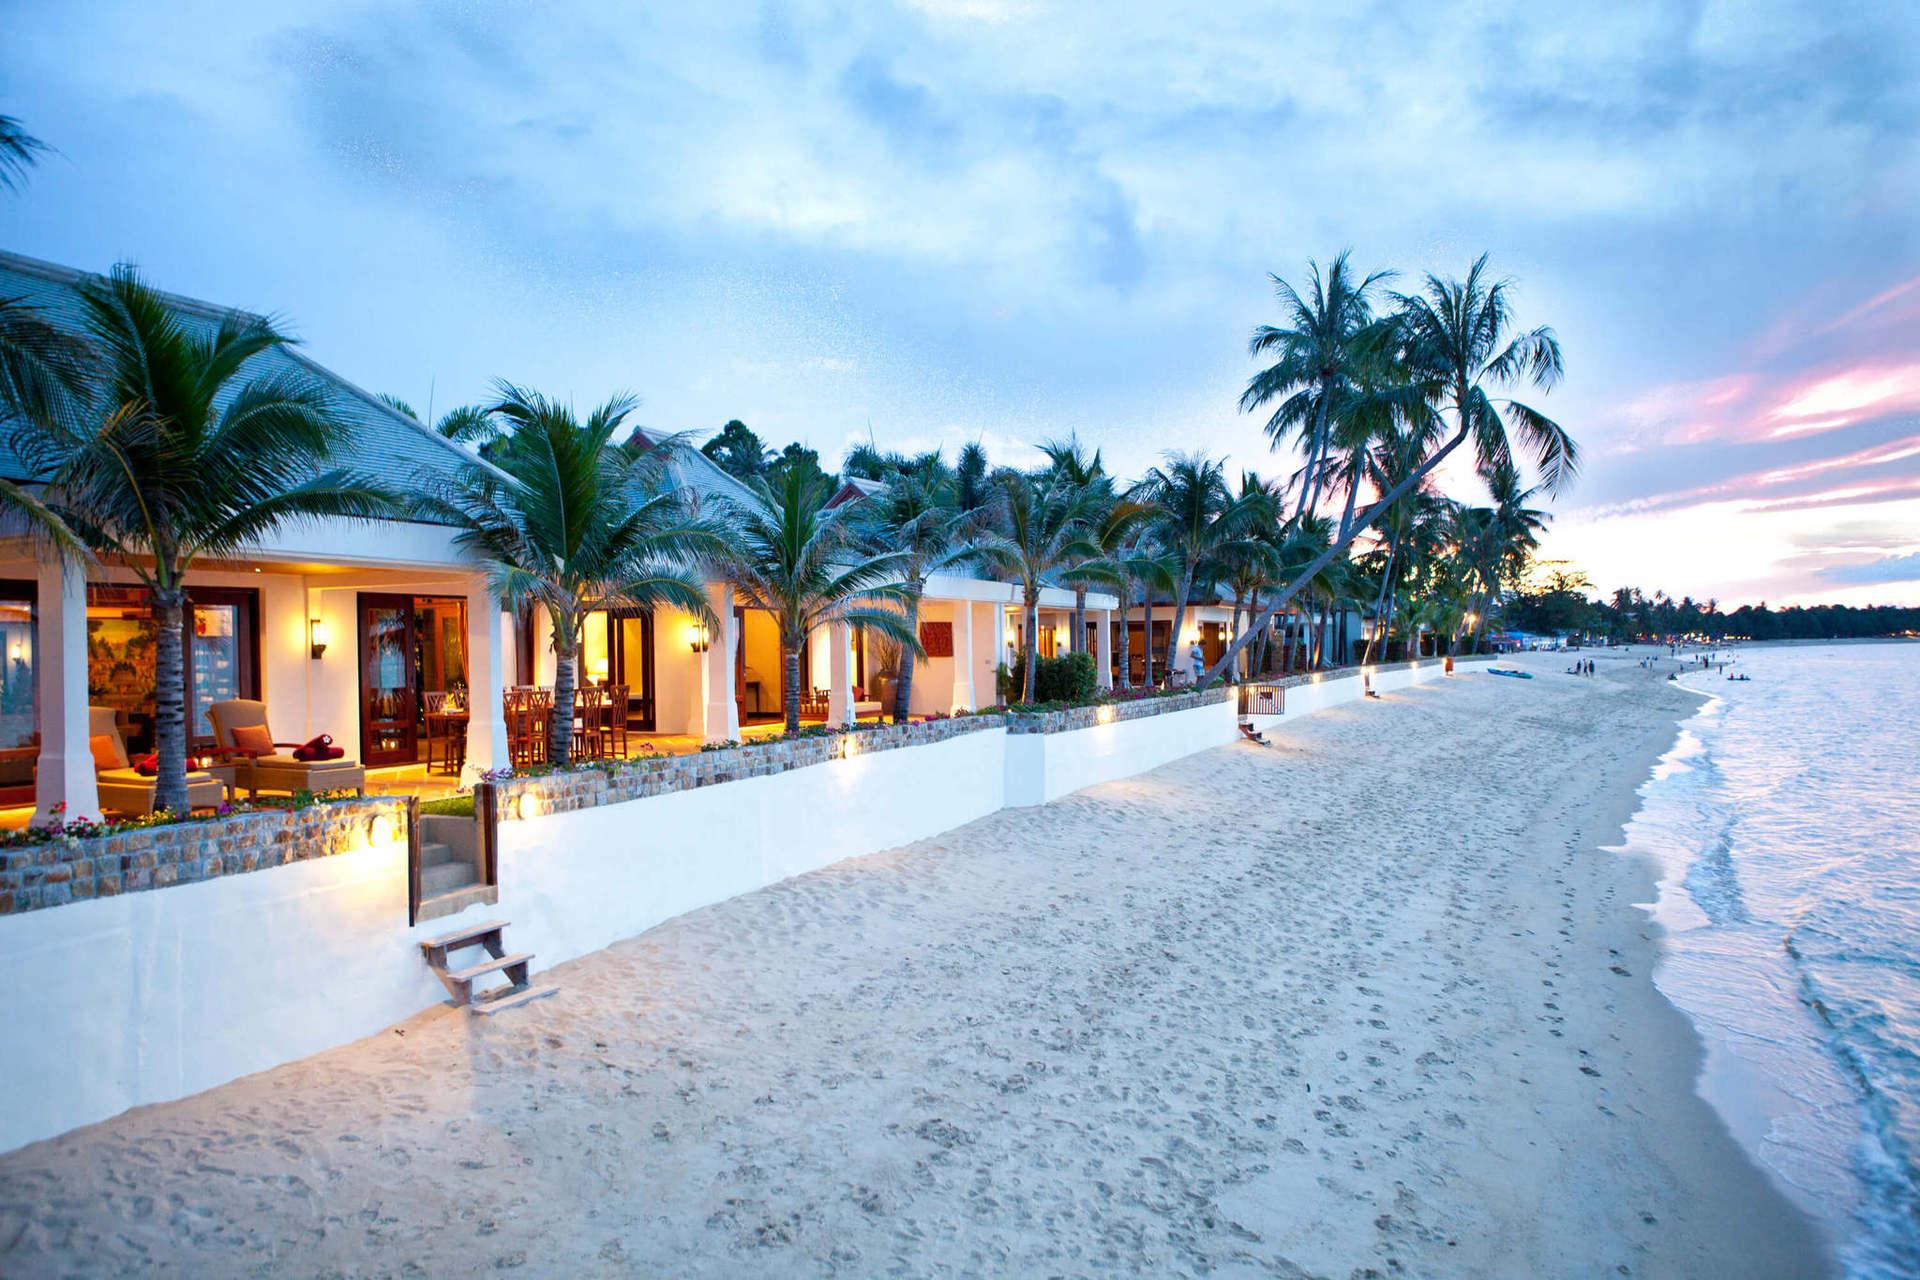 Особлива концепція готелю передбачає розміщення на окремих віллах (від 2 до 14 спалень), які розташовані на березі океану, мають свій індивідуальний басейн та усі зручності для приватного відпочинку.